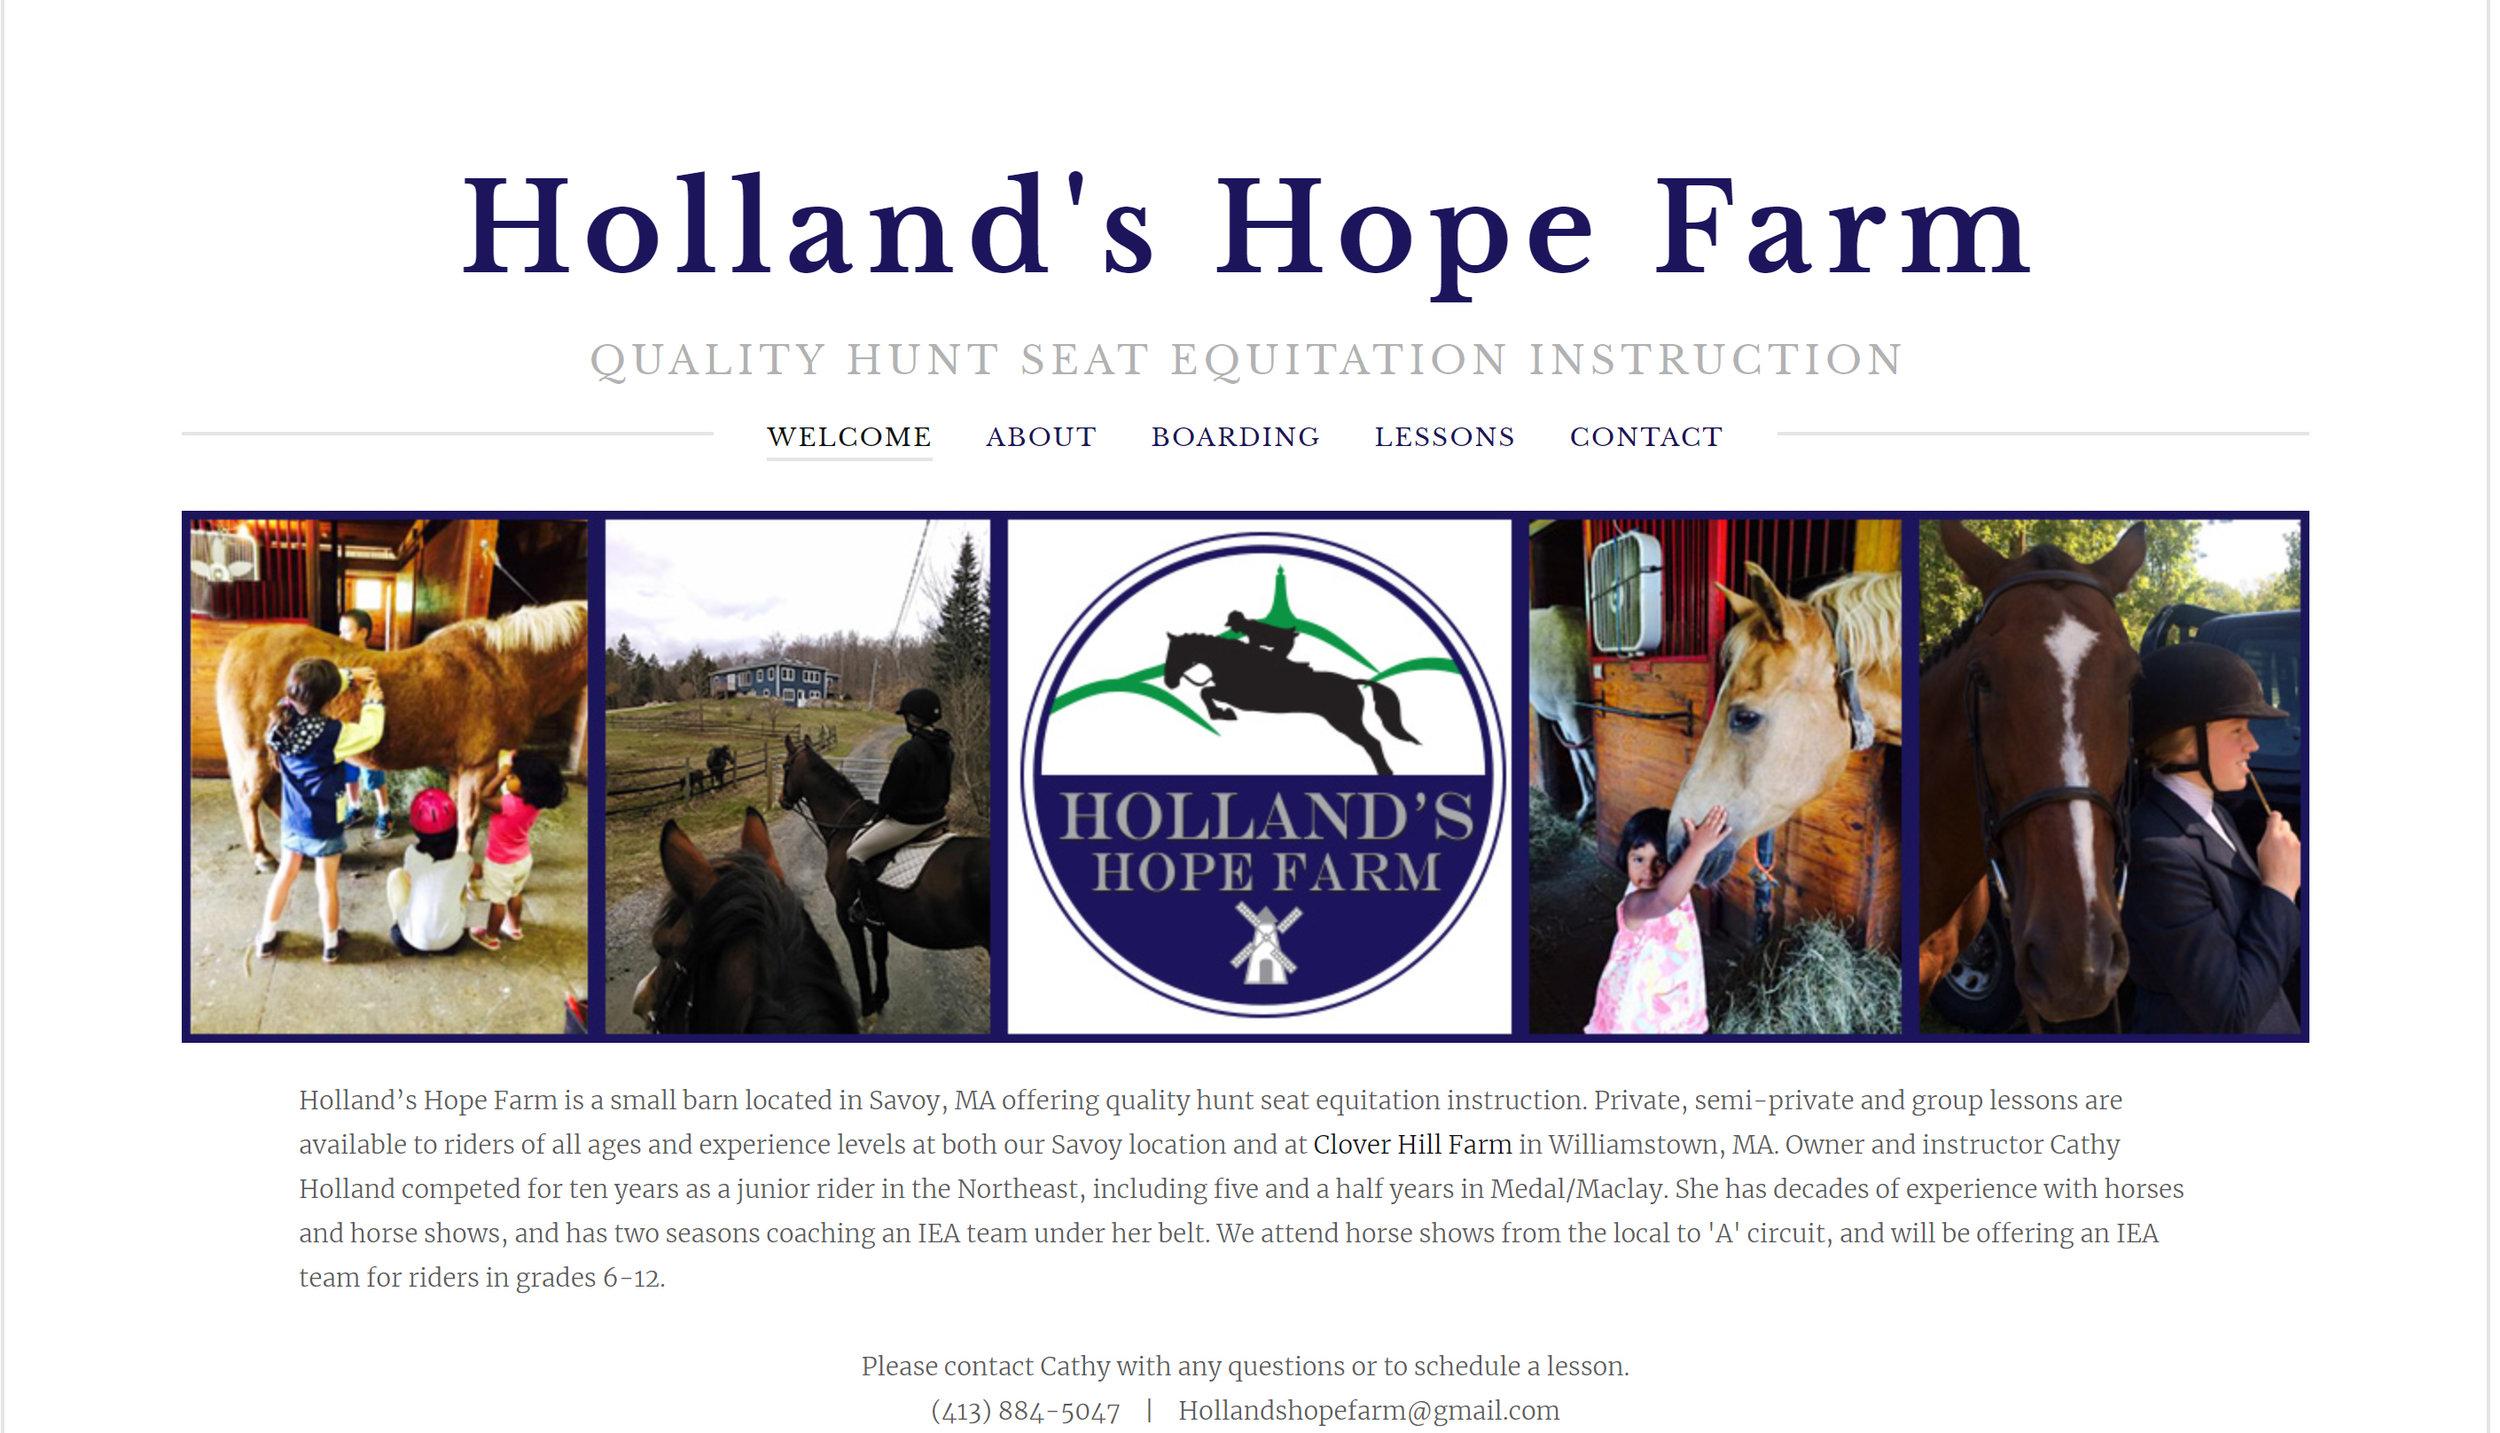 www.HollandsHopeFarm.com